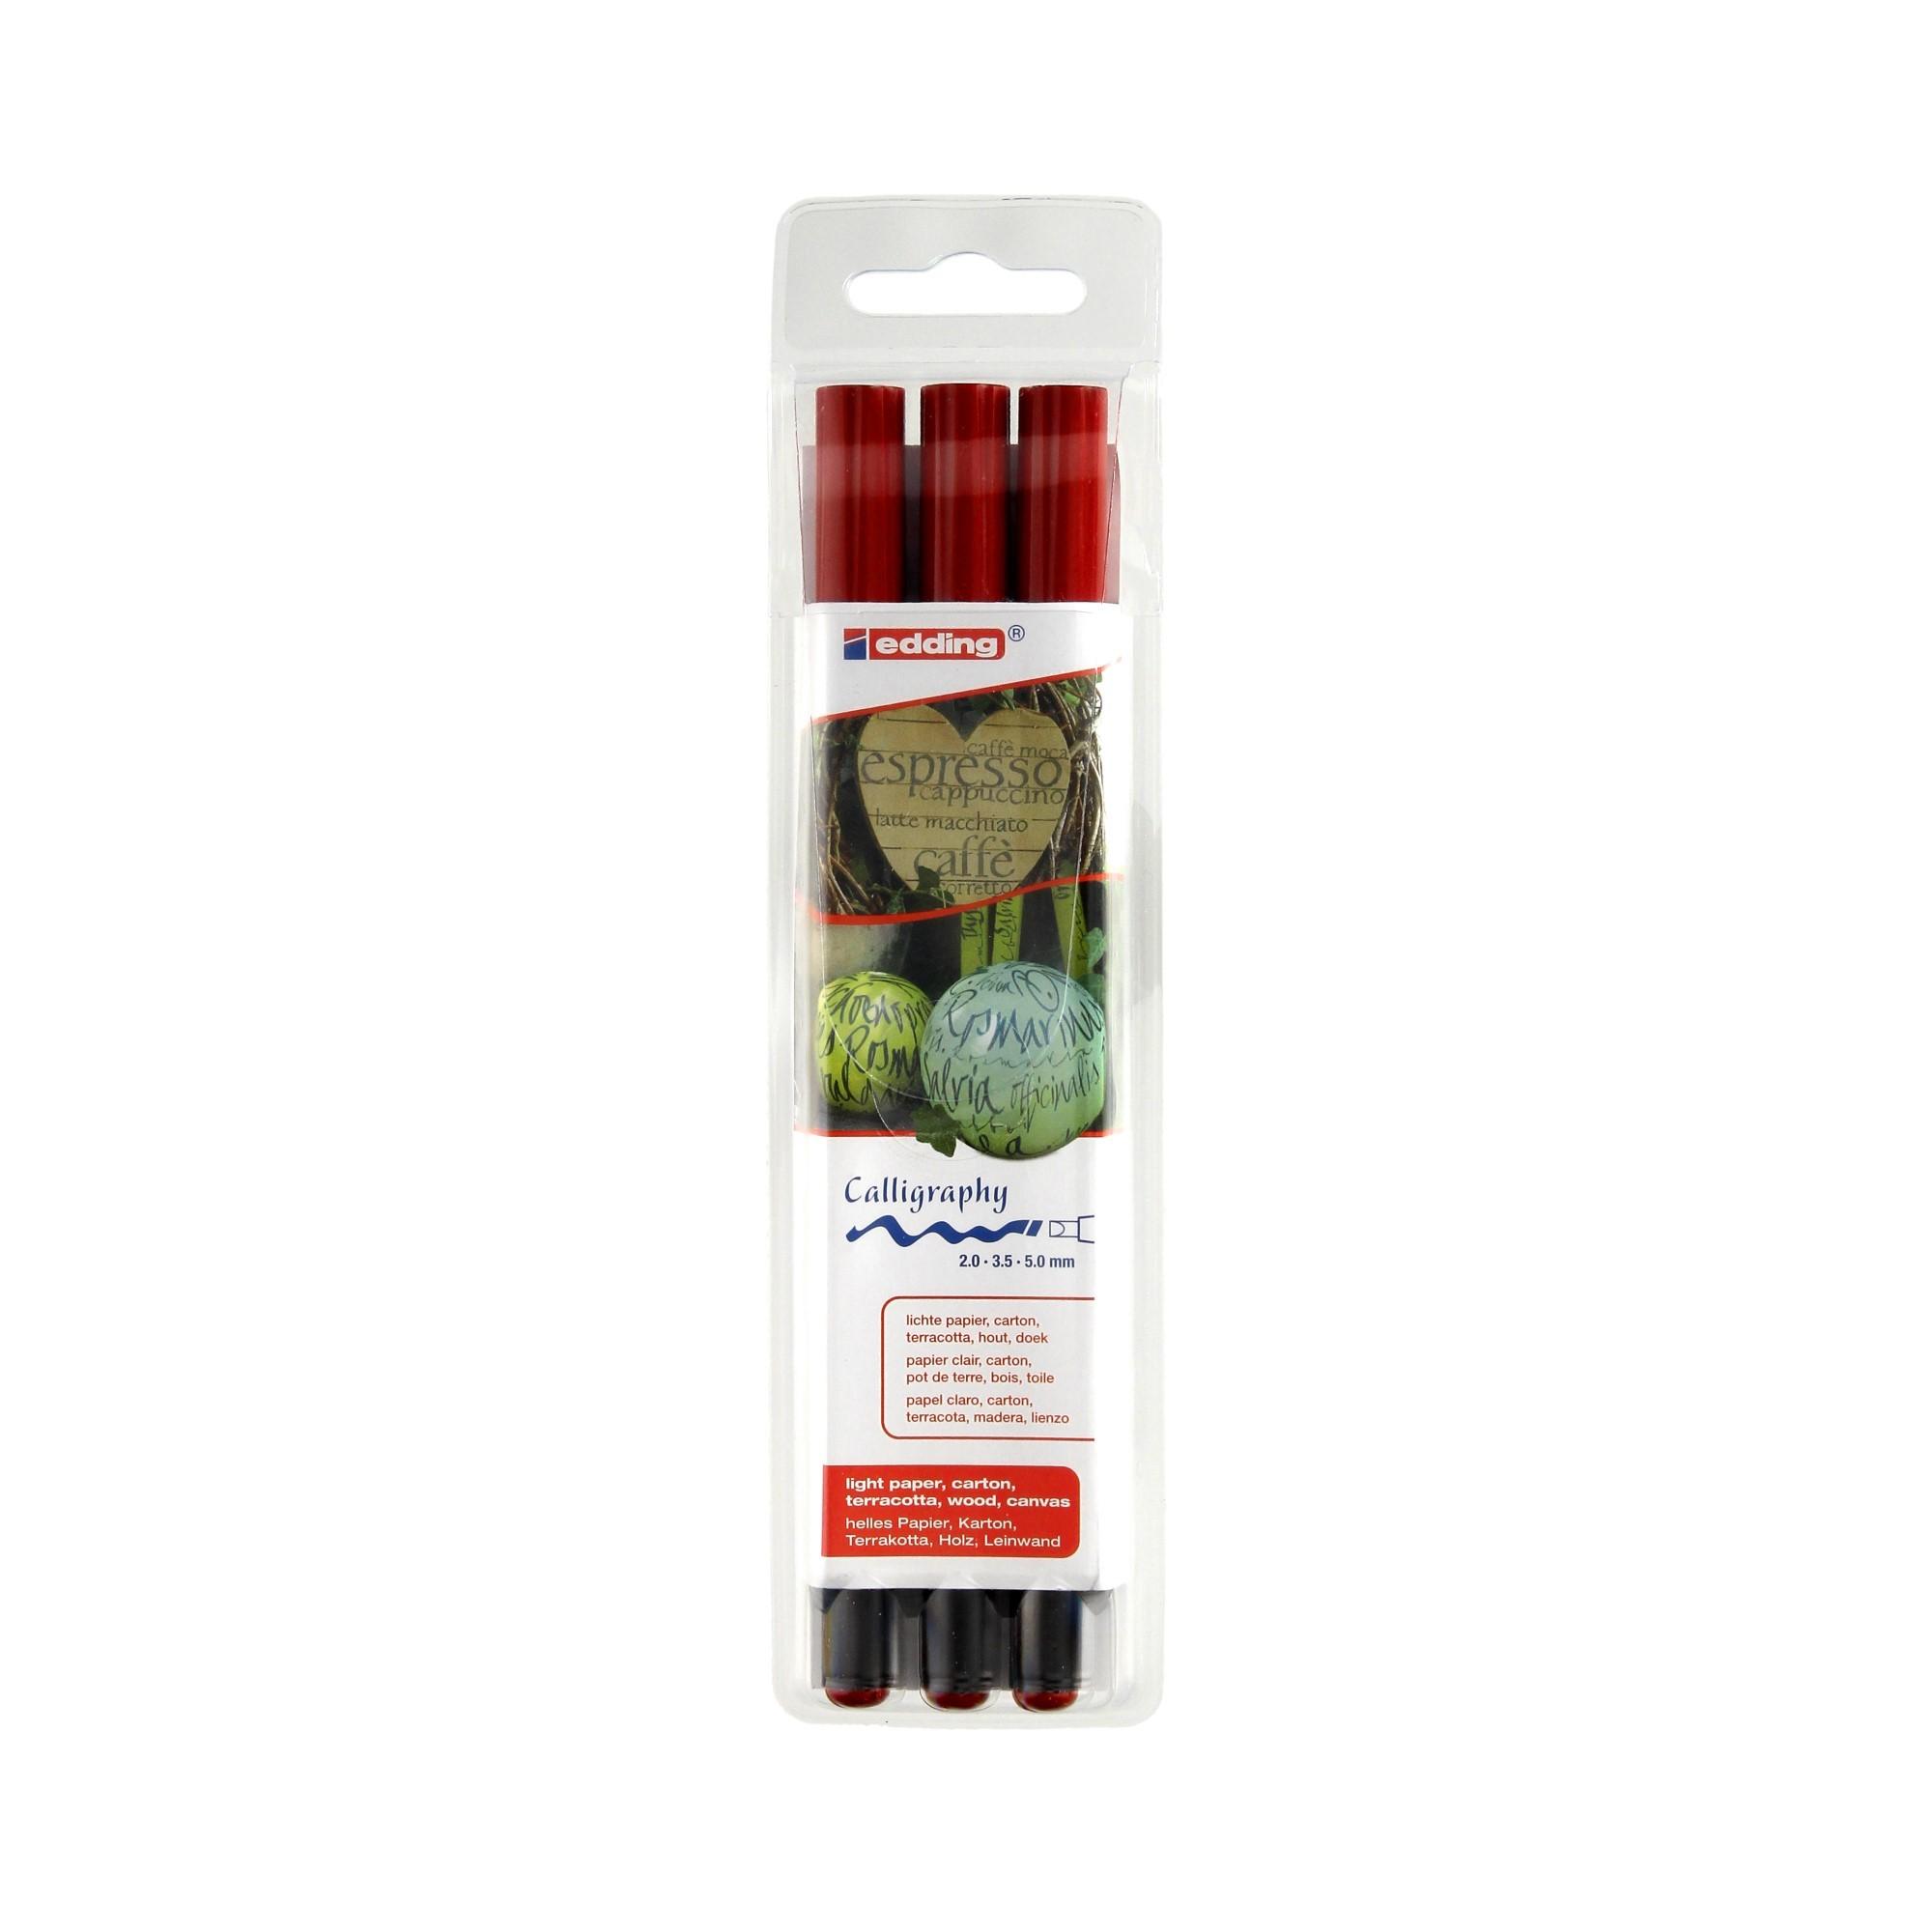 Pisaki do kaligrafii czerwone 3 szt. - 2mm-3,5mm-5mm Edding 1255/3S